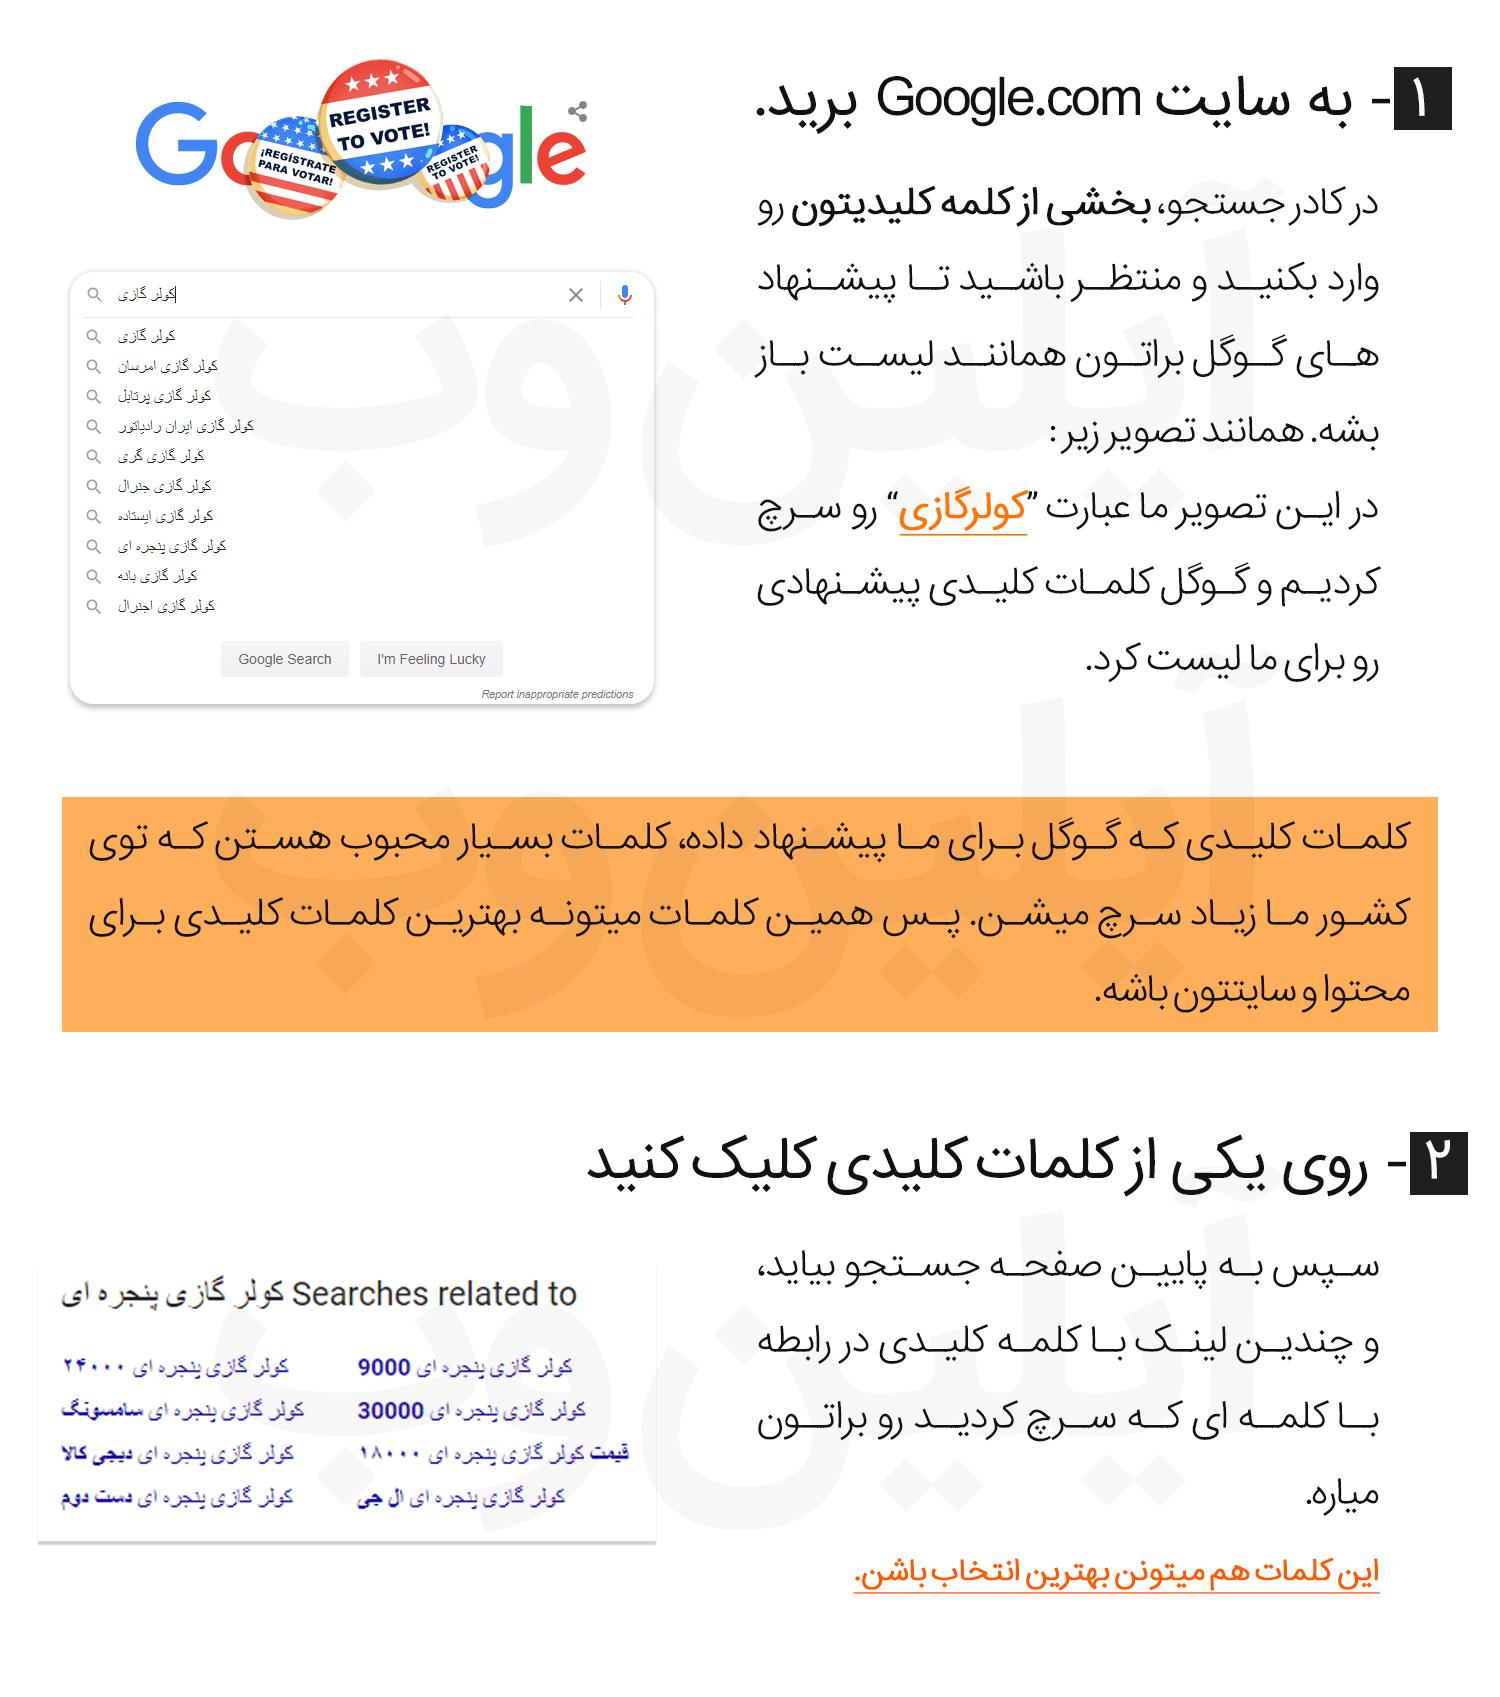 google search keywords 1 - آموزش انتخاب بهترین کلمات کلیدی (Keywords) برای محتوا + فیلم آموزشی